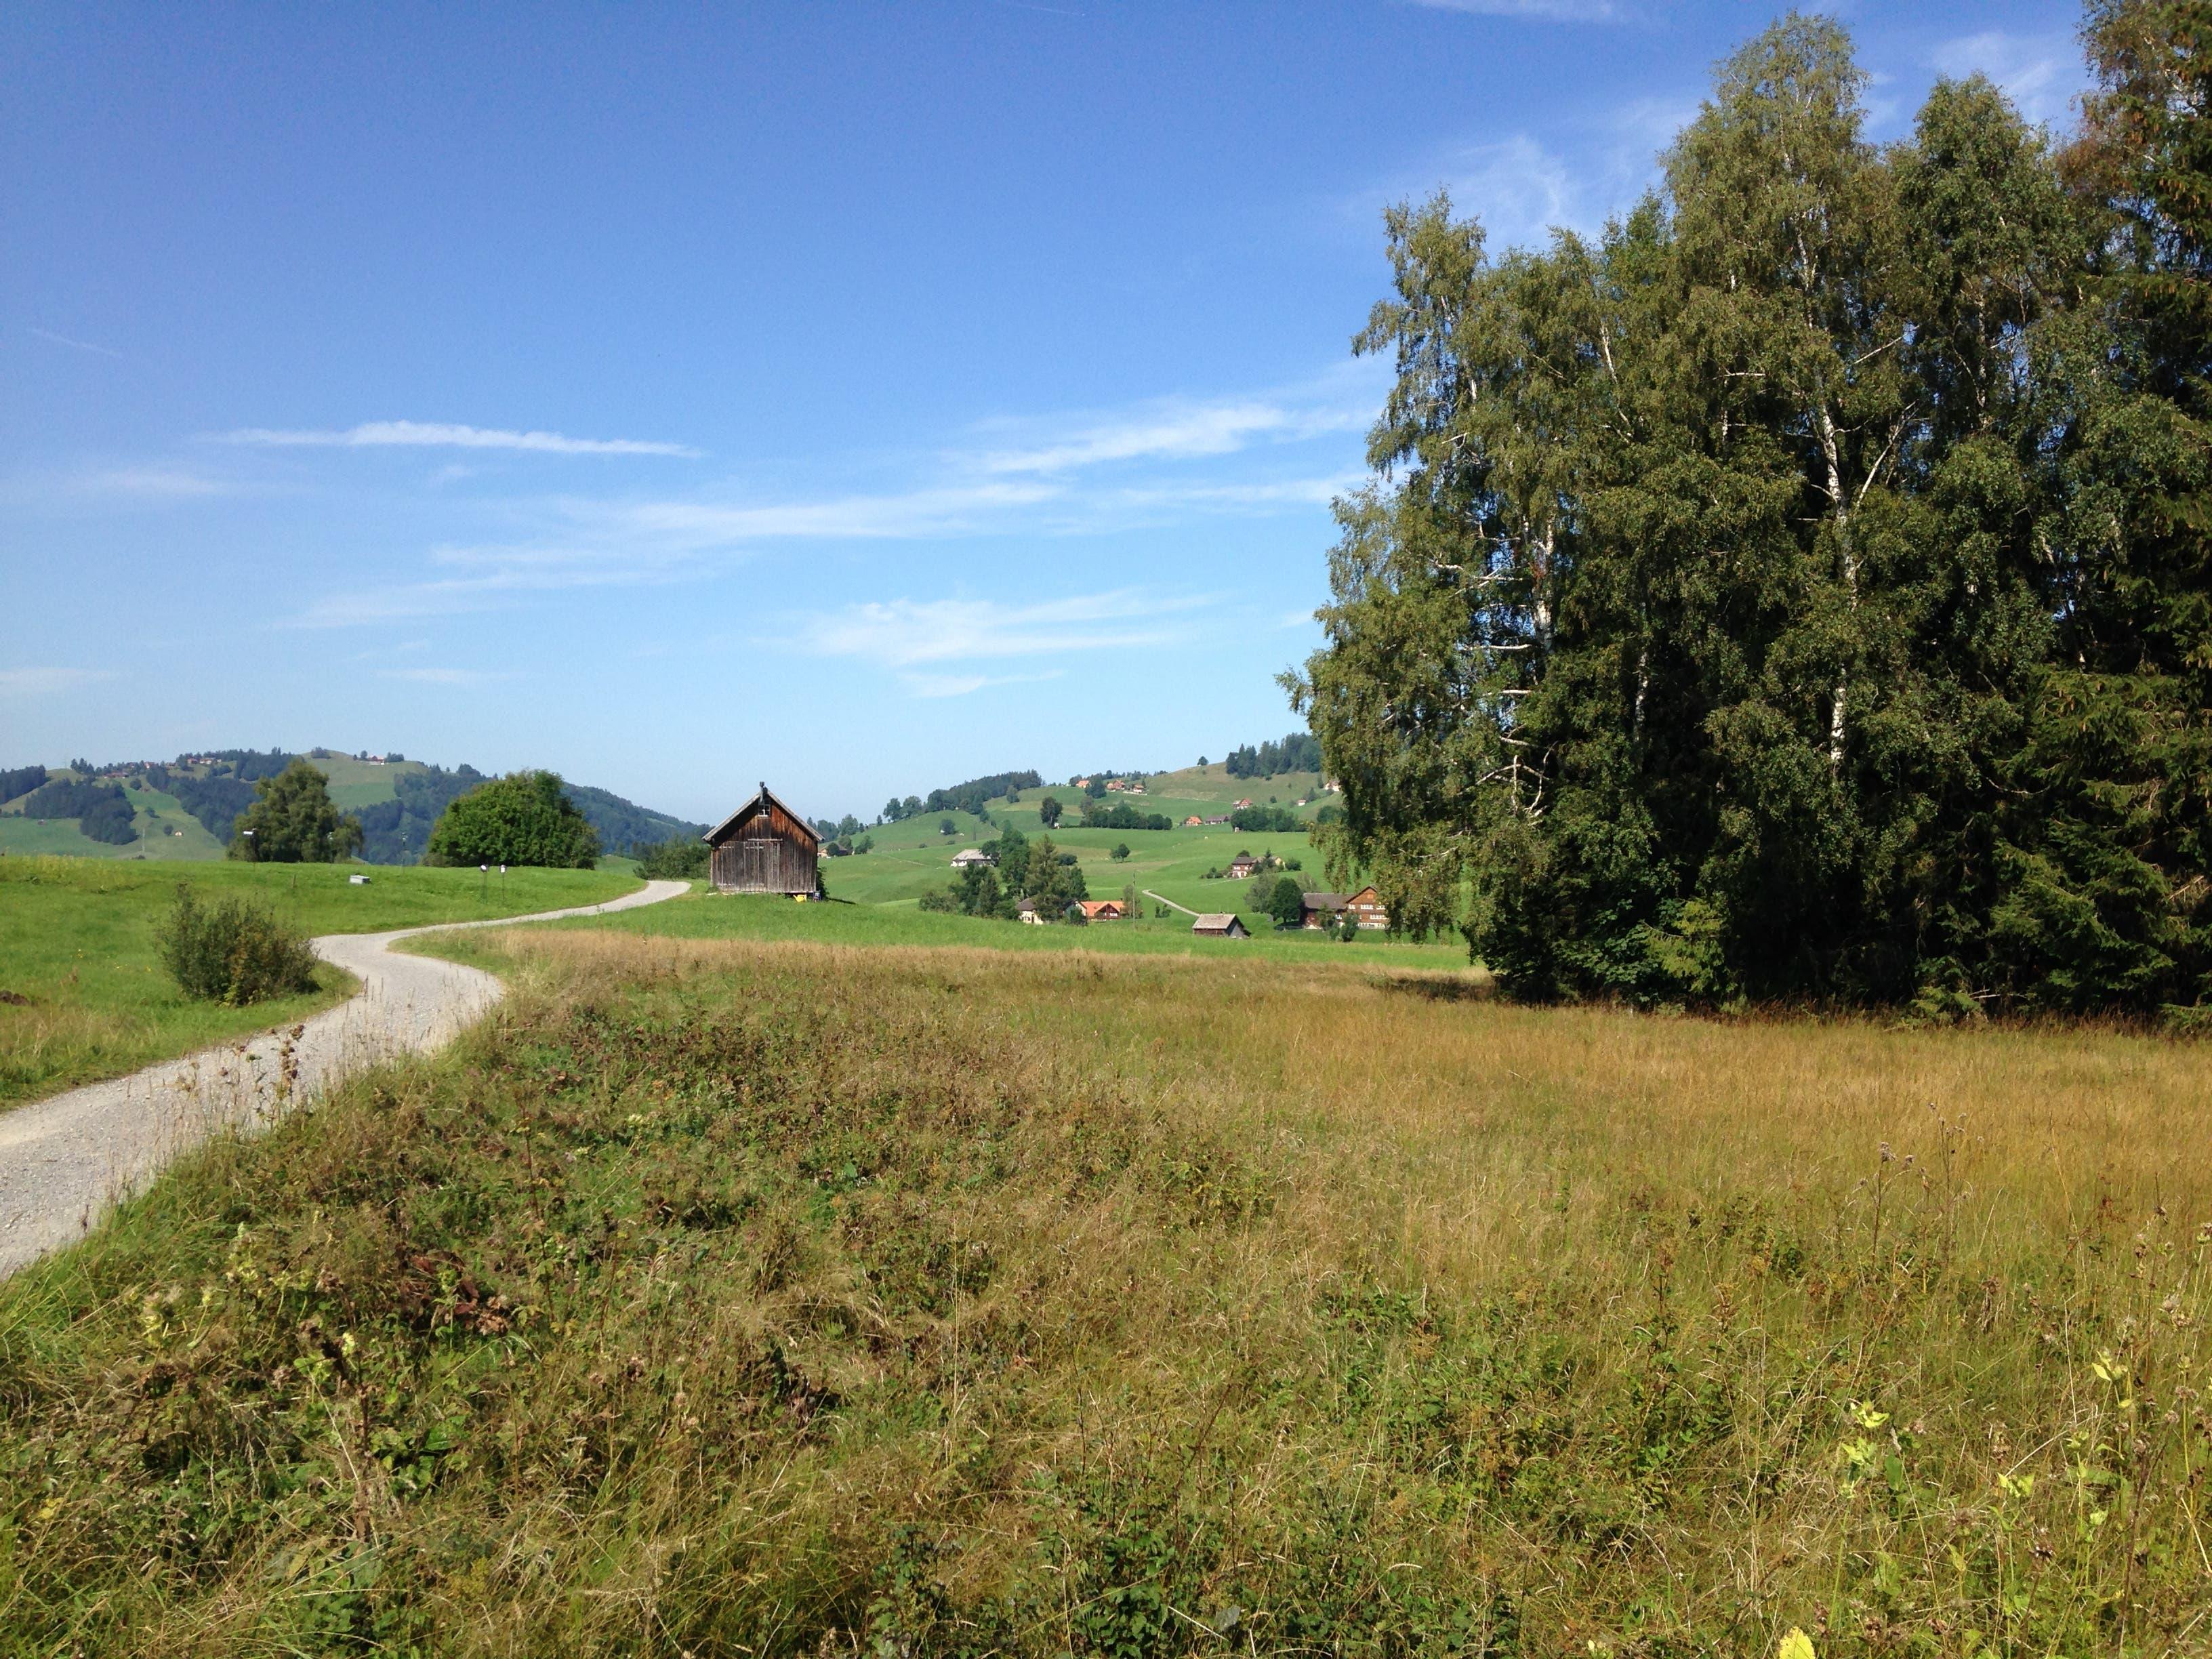 Die Landschaft mit den letzten Resten des Hochmoors bei Gais eignet sich gerade bei schönem Spätsommerwetter ideal für einen ausgedehnten Spaziergang. (Bild: Reto Voneschen - 31. August 2019)